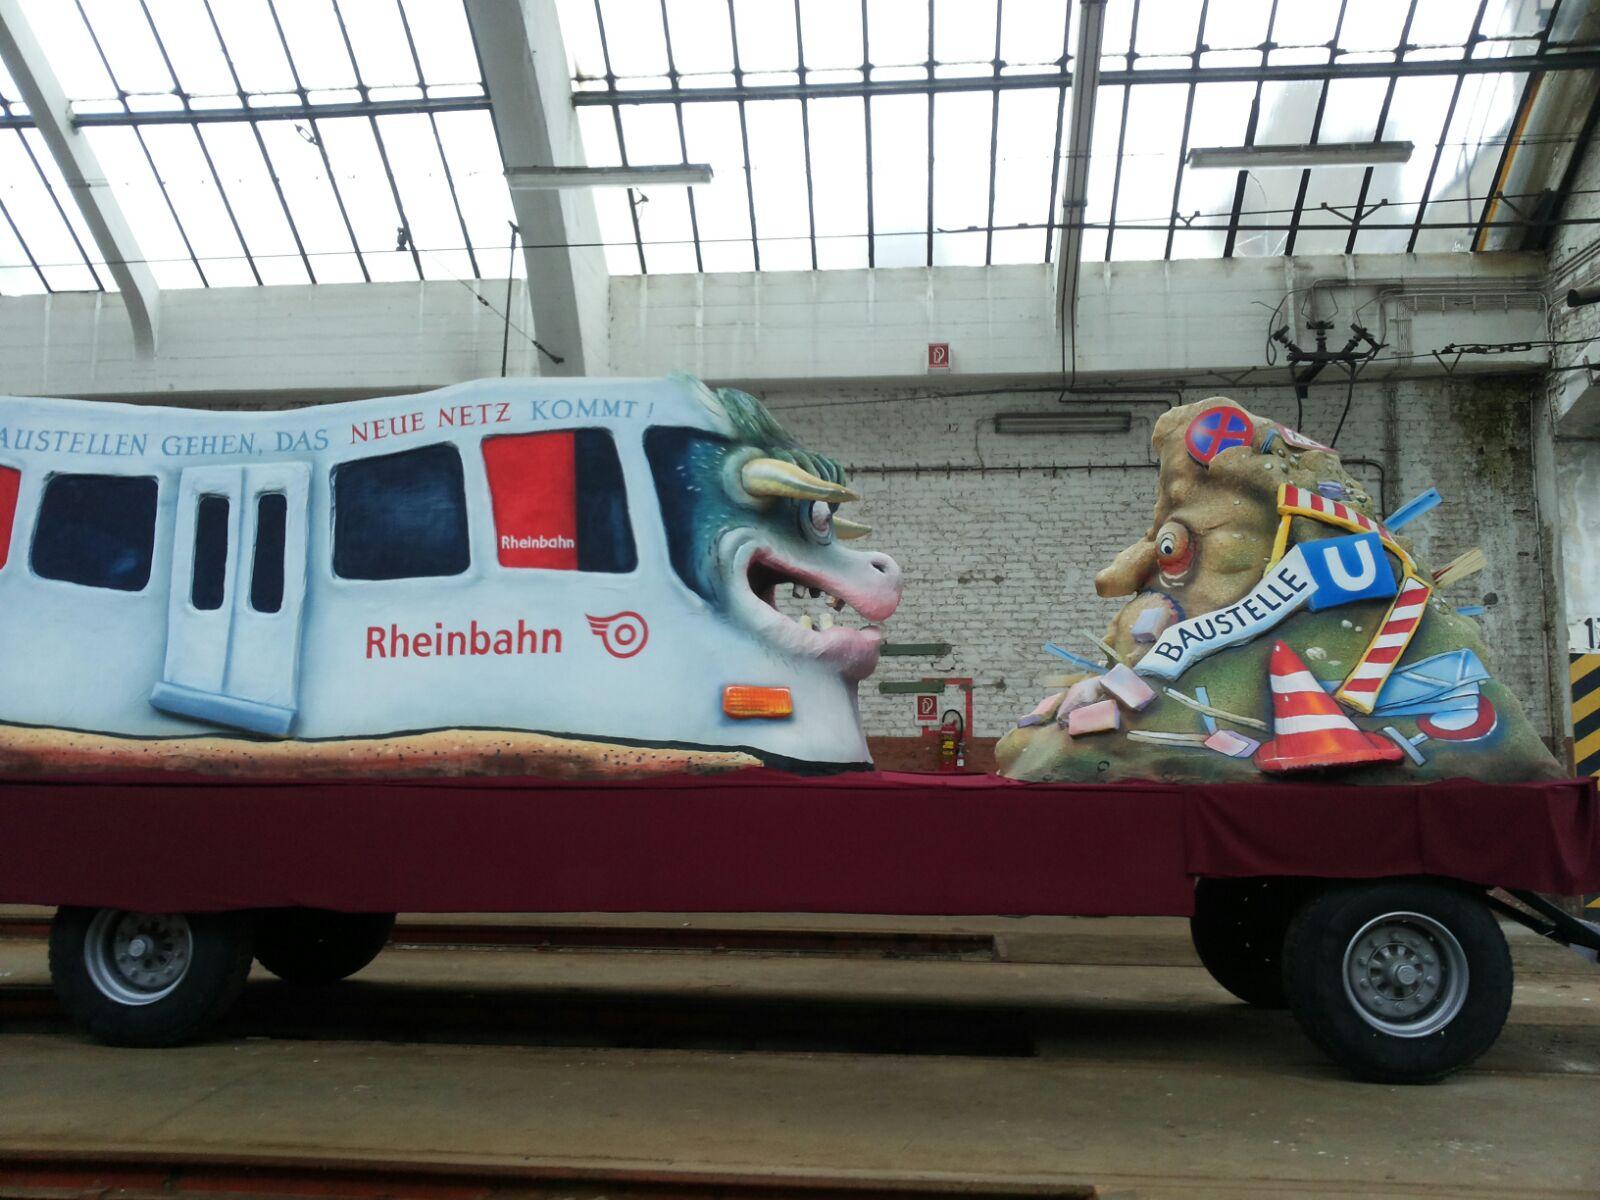 Begleitet wird der Wagen im Rosenmontagszug von einer rund 80 Mann starken Fußtruppe (Foto: Rhe)